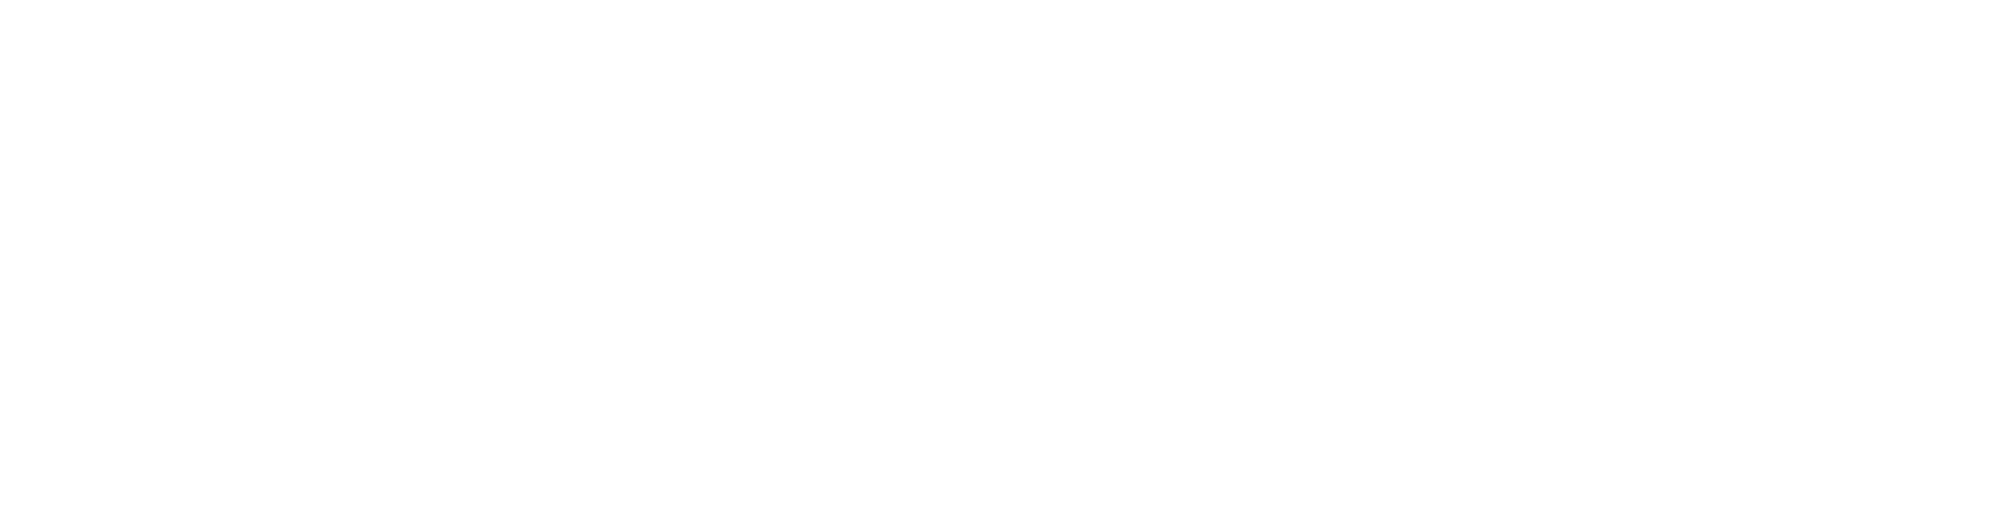 Masquerade - Exquisite House